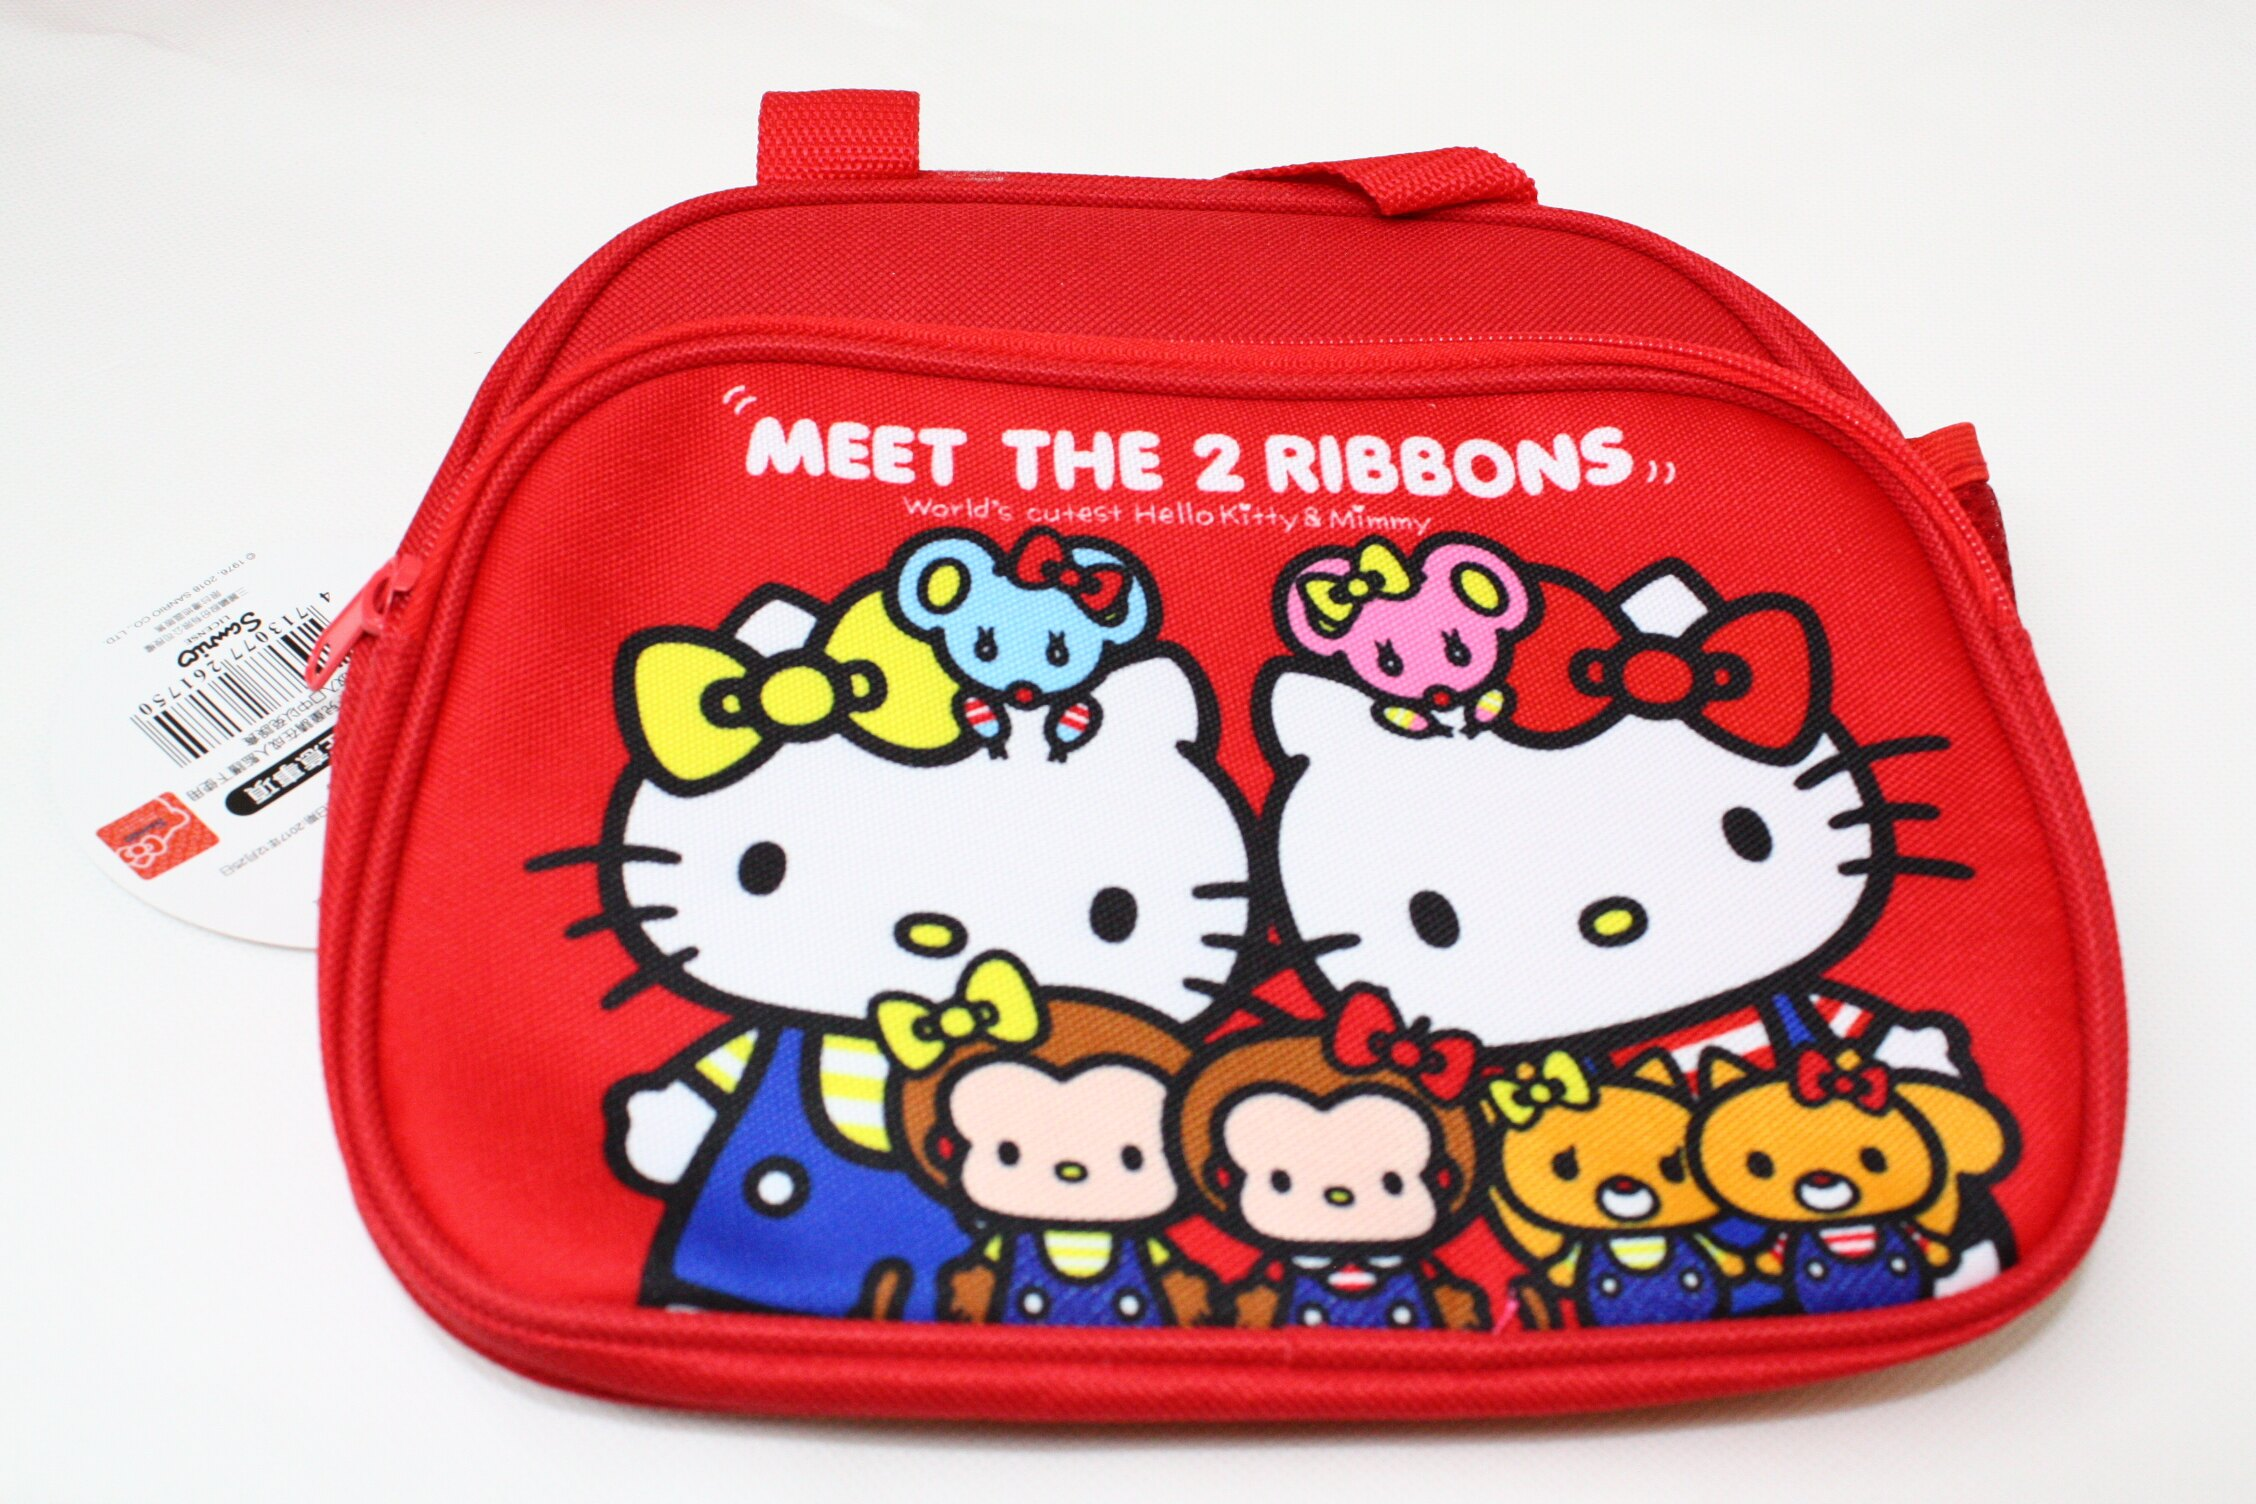 大賀屋 Hello kitty 雙層 外出包 購物袋 便當袋 零錢包 桃紅 凱蒂貓 KT 三麗鷗 正版 授權 Z0003